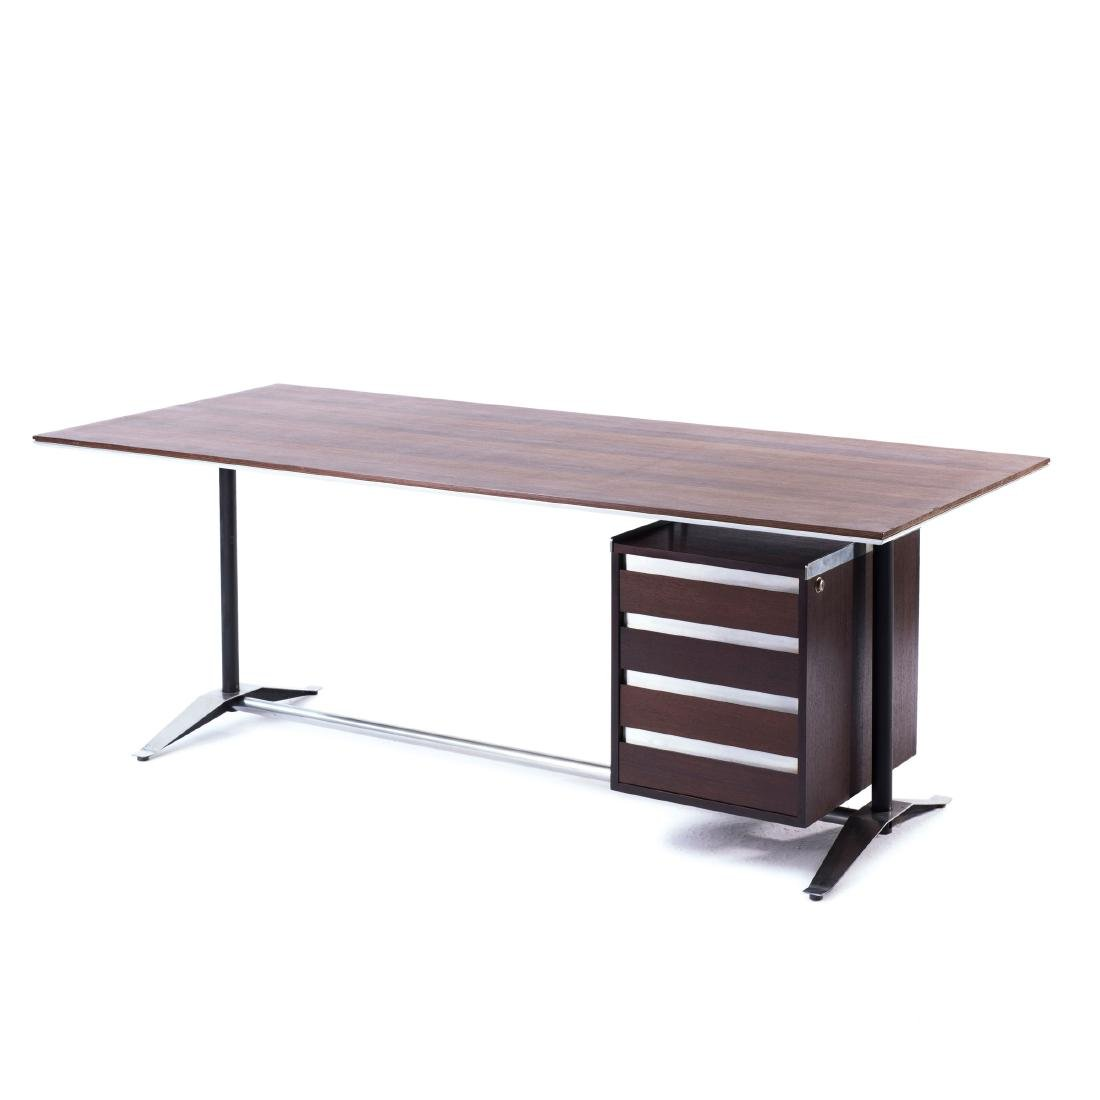 Desk, c. 1956